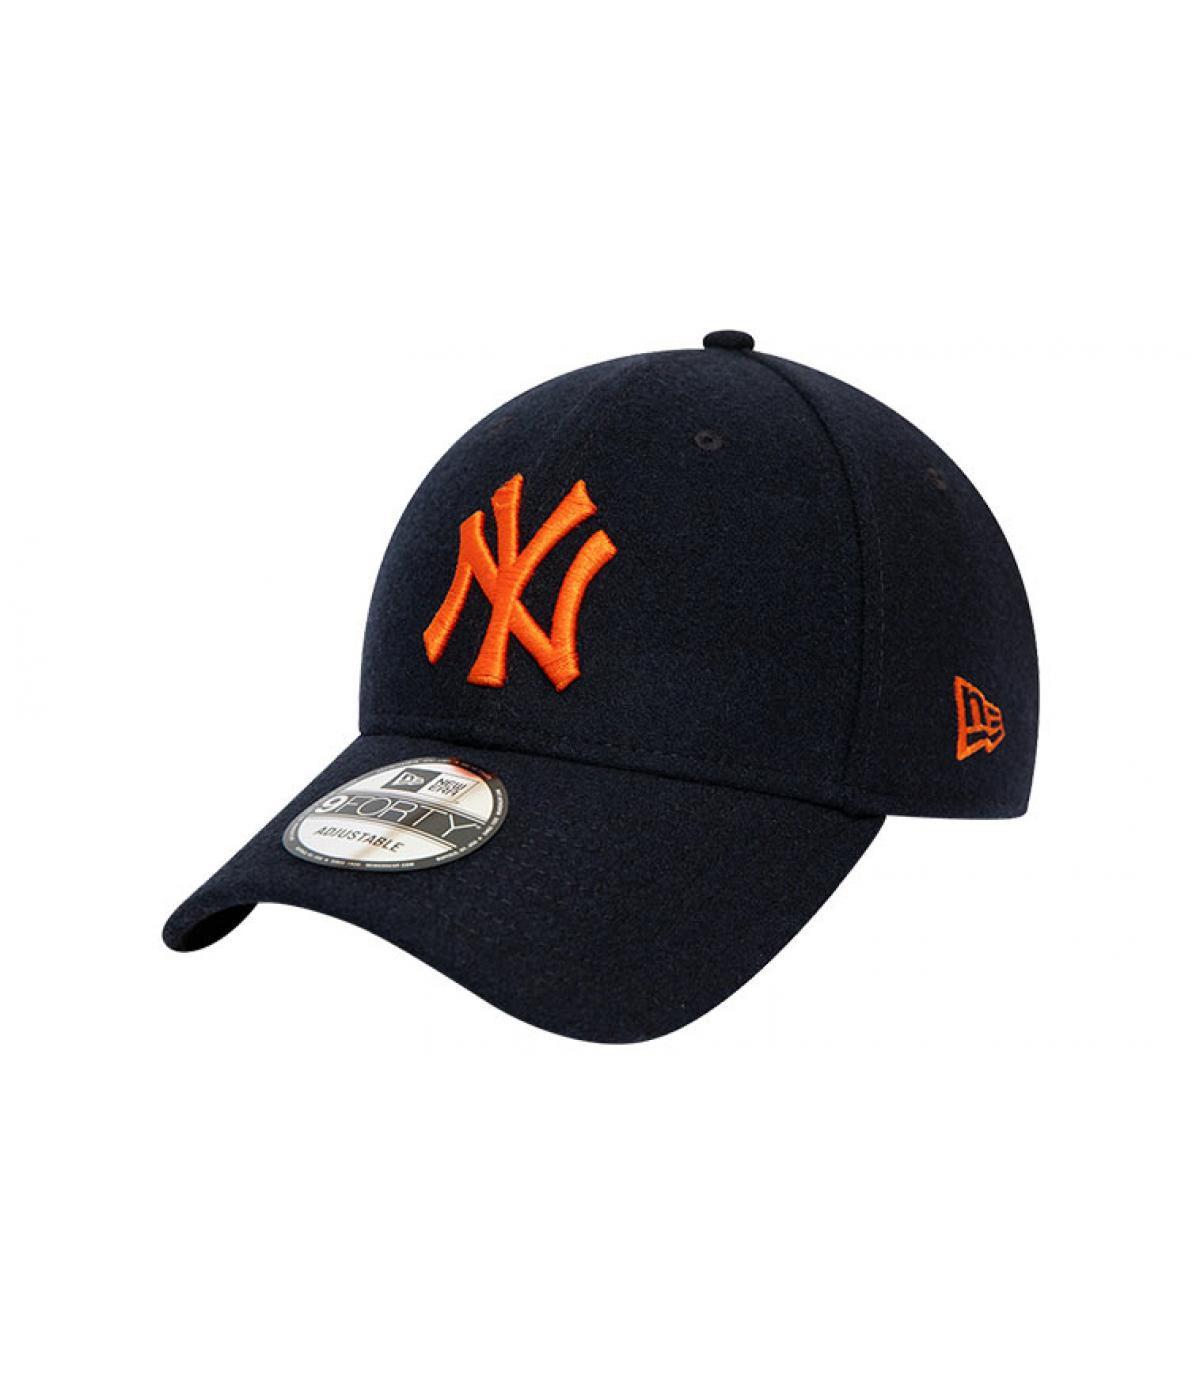 Details Kids League Ess NY 940 black orange - afbeeling 2